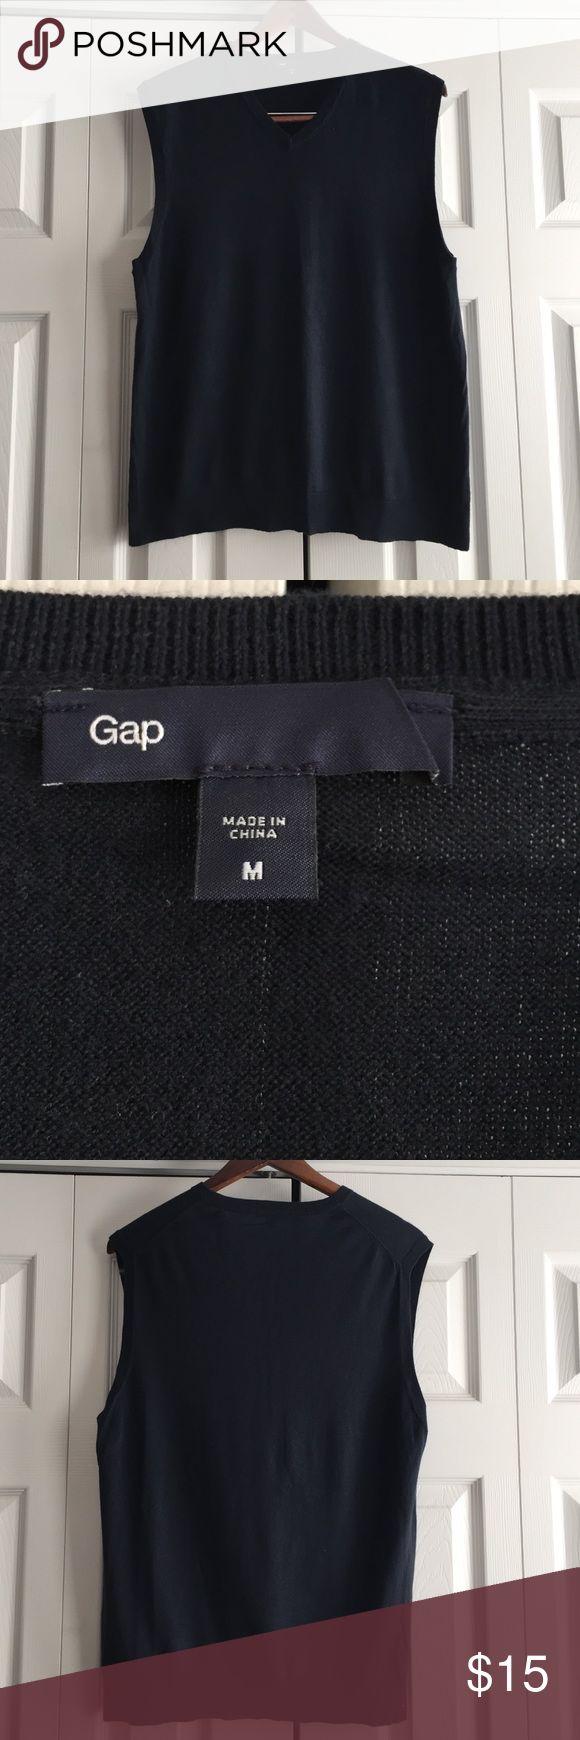 GAP Men's Navy Sweater Vest NWOT Never Worn, Men's Navy Sweater Vest. Light Weight 100% Cotton. GAP Jackets & Coats Vests